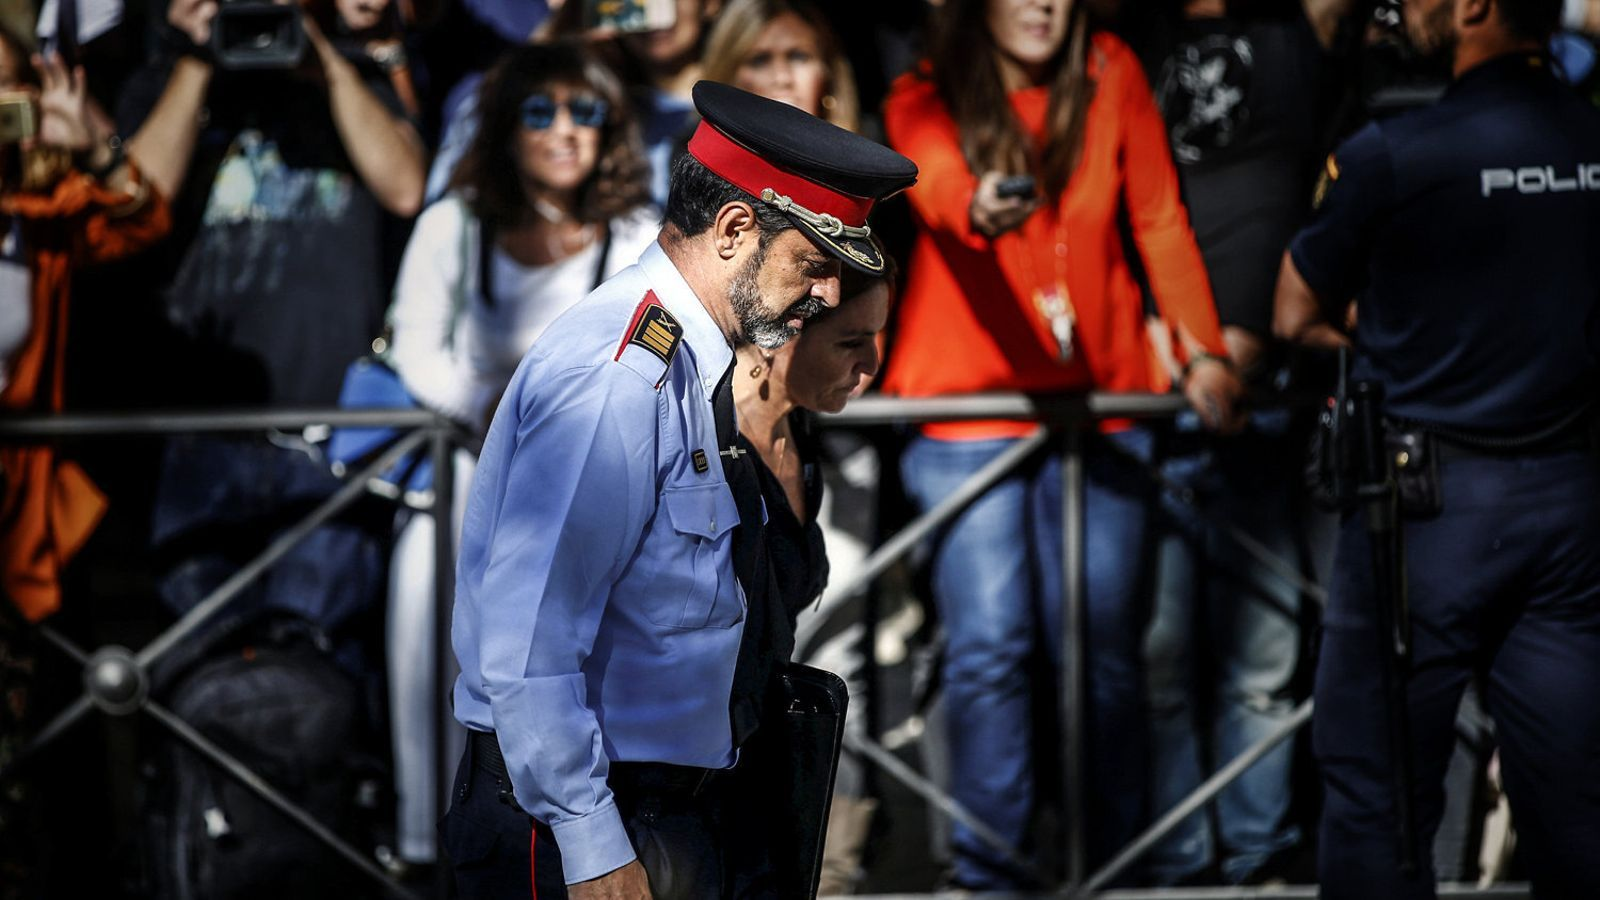 Josep Lluís Trapero, l'home que va concentrar les contradiccions del Procés